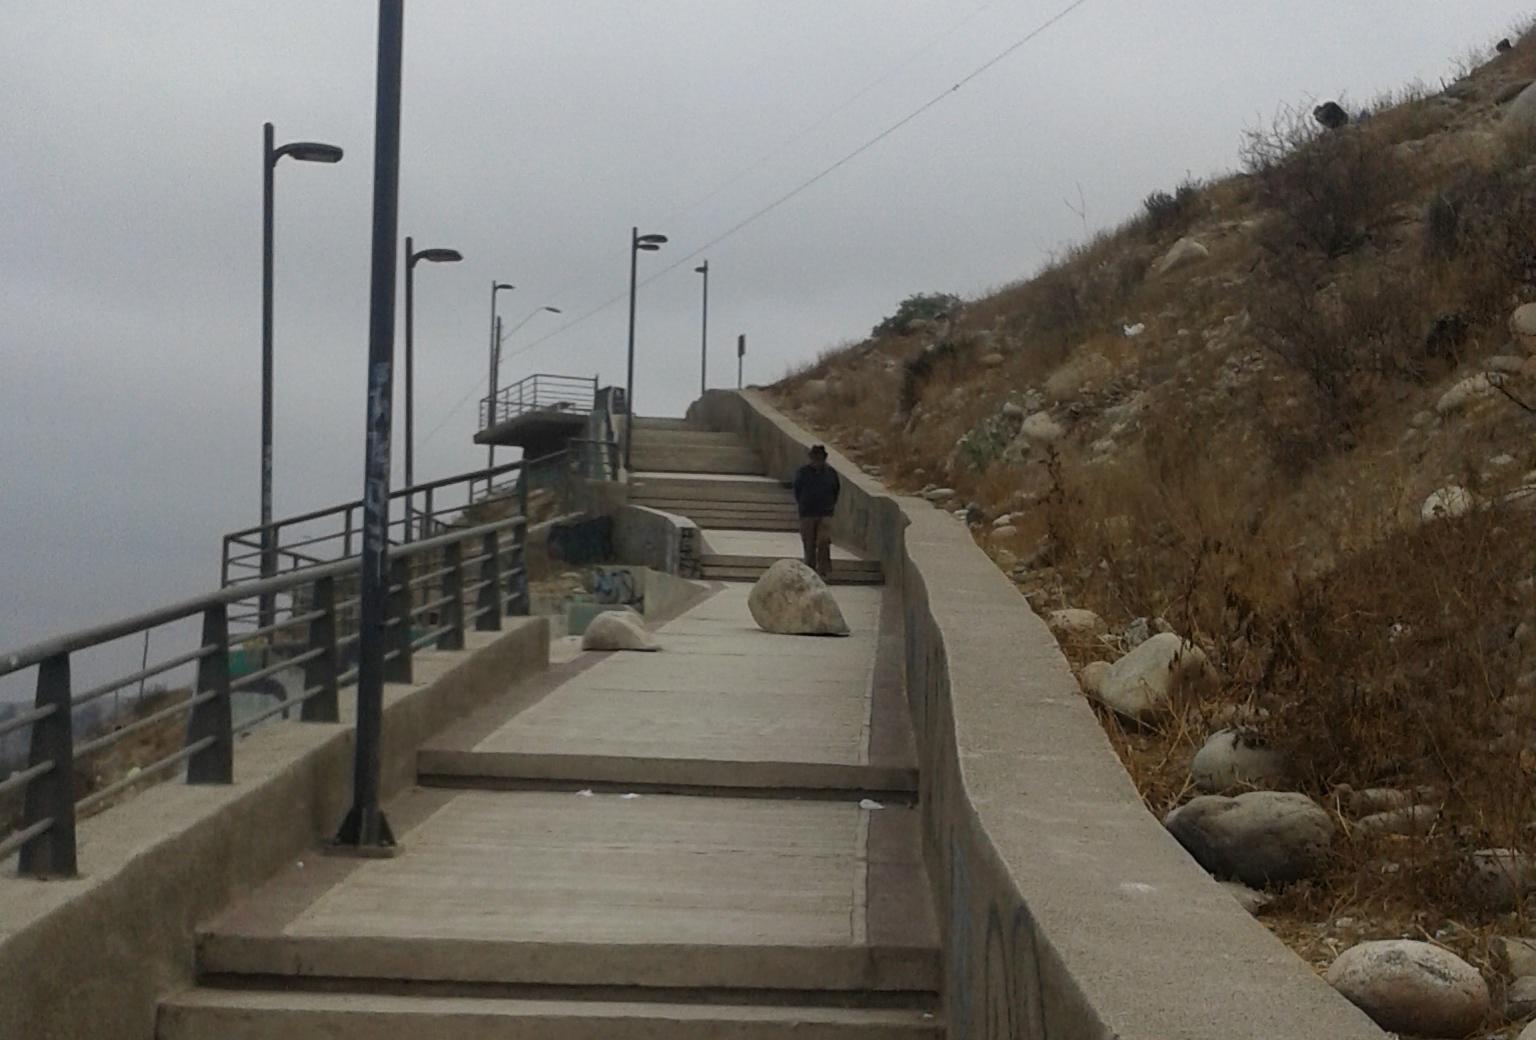 Piedra bloquea el paso de vecinos en escalinata de población Carrera